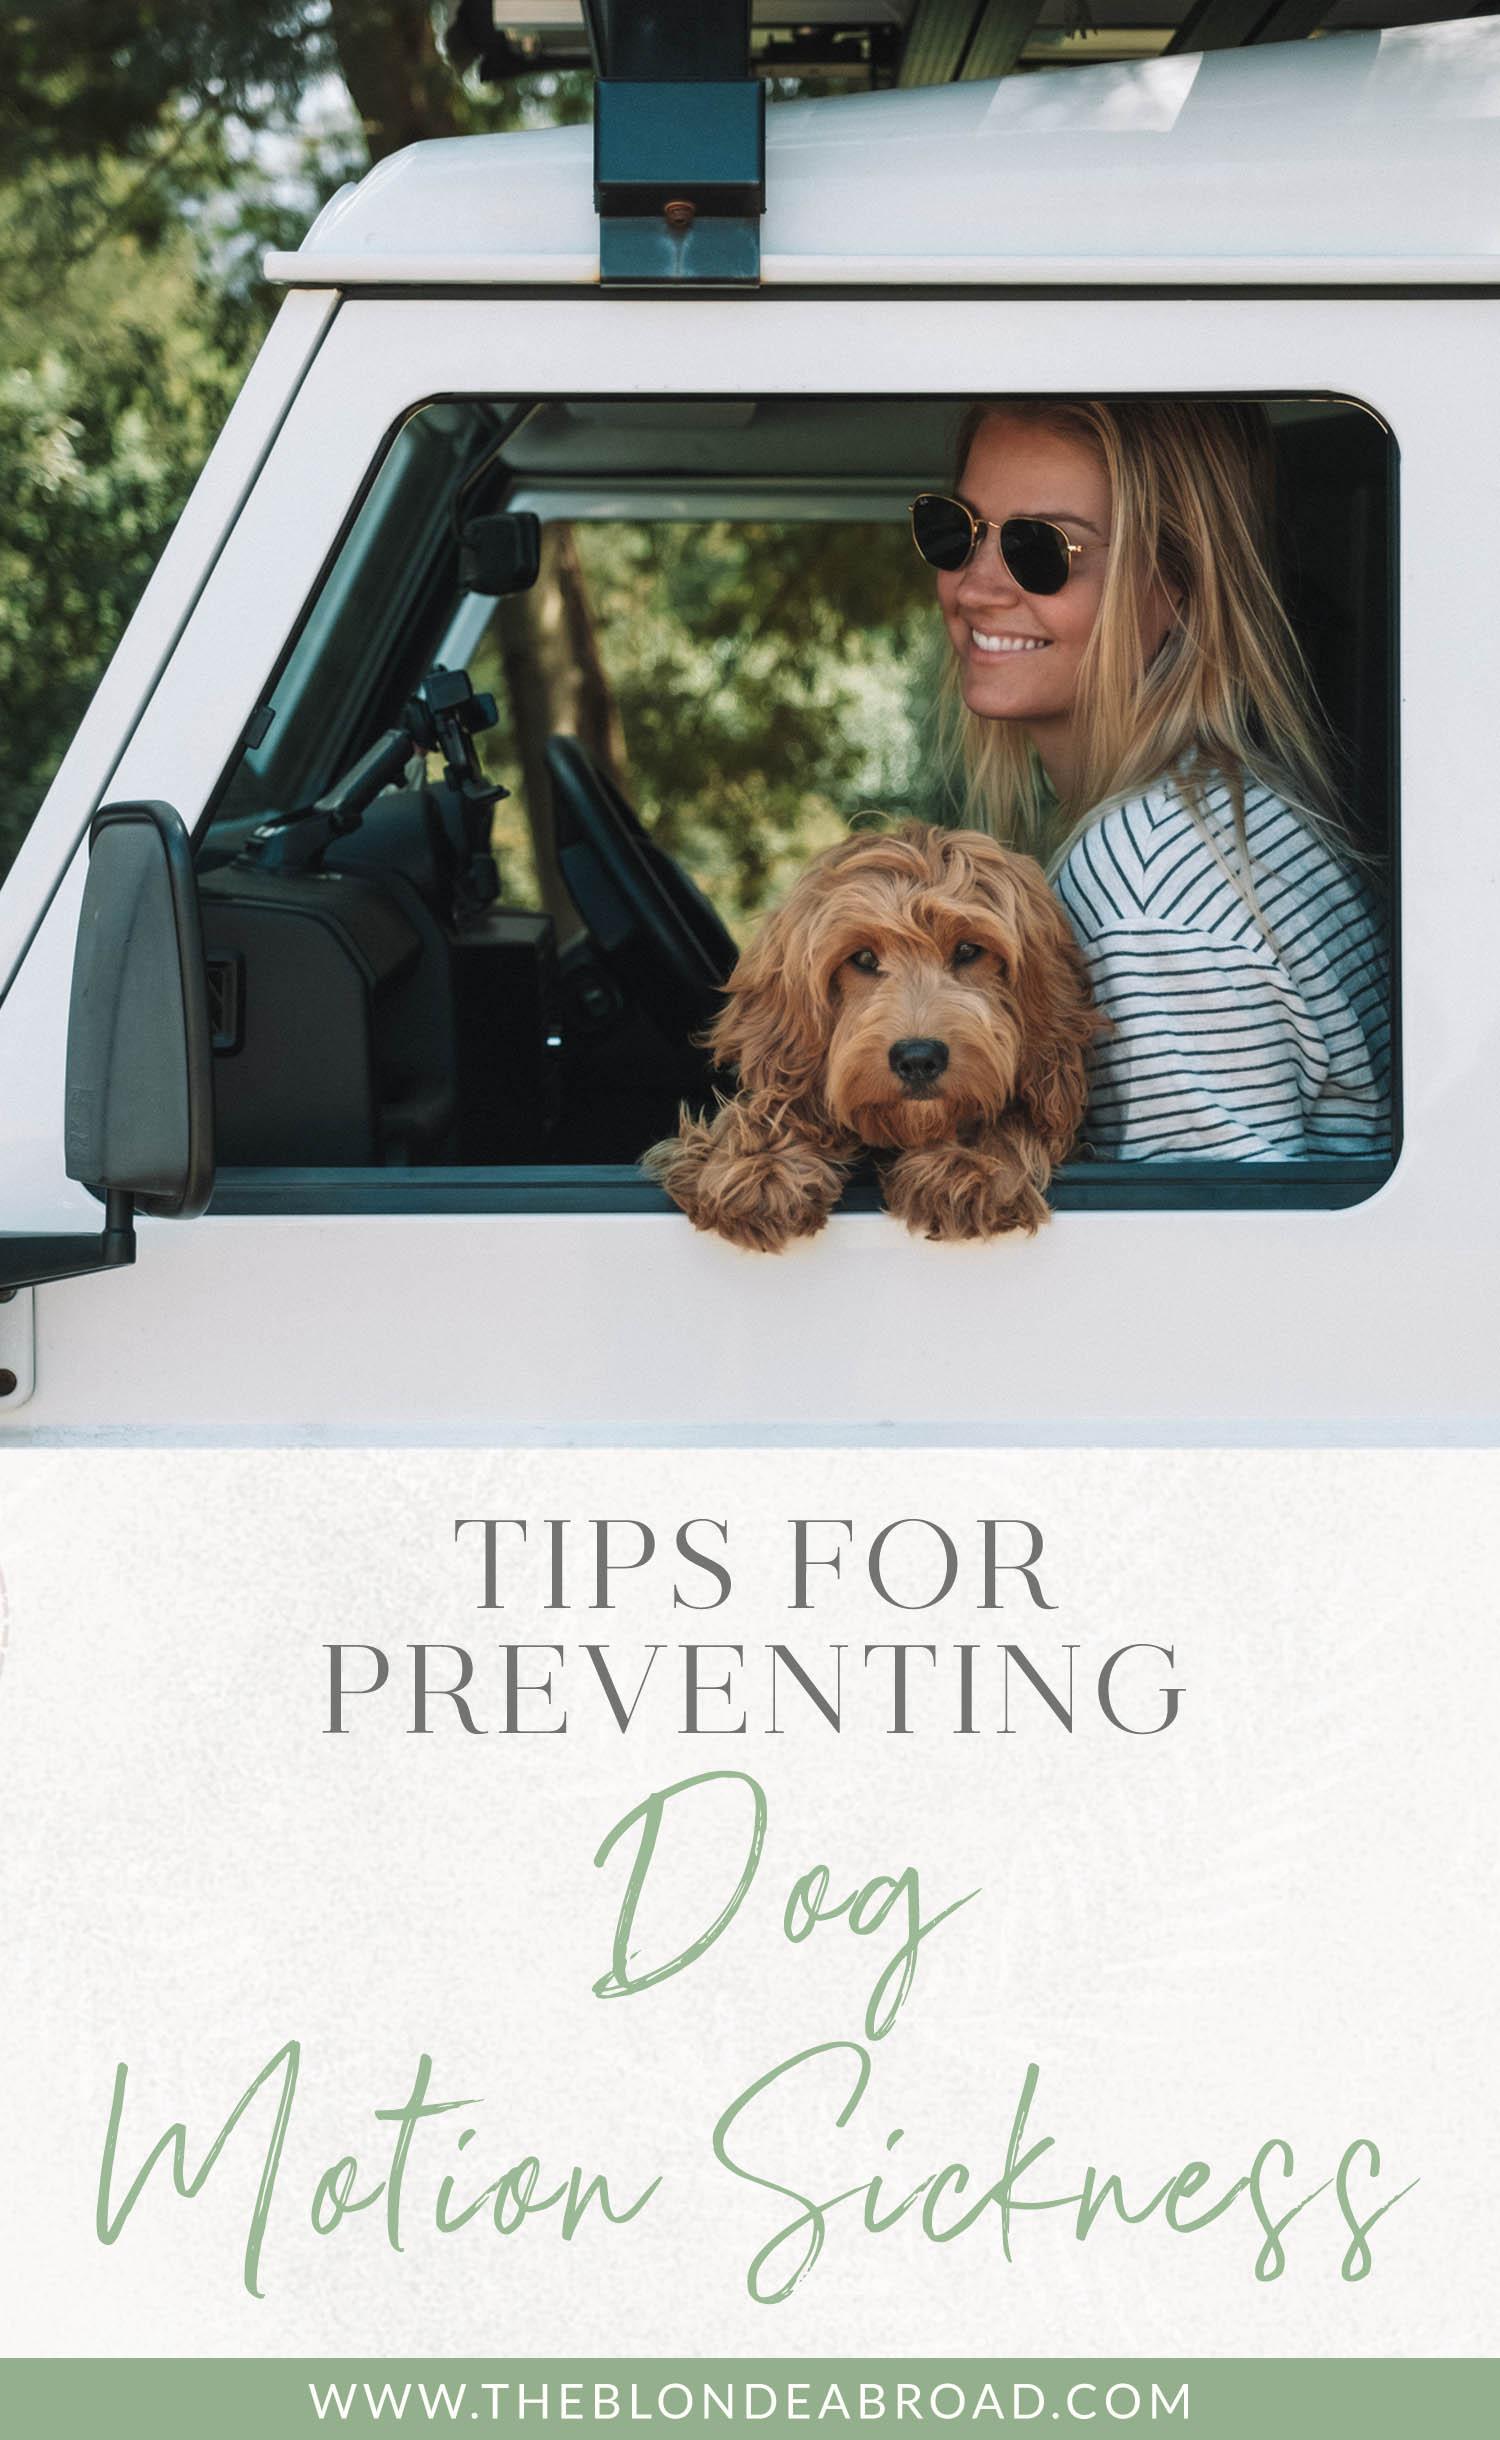 Conseils pour prévenir le mal des transports du chien